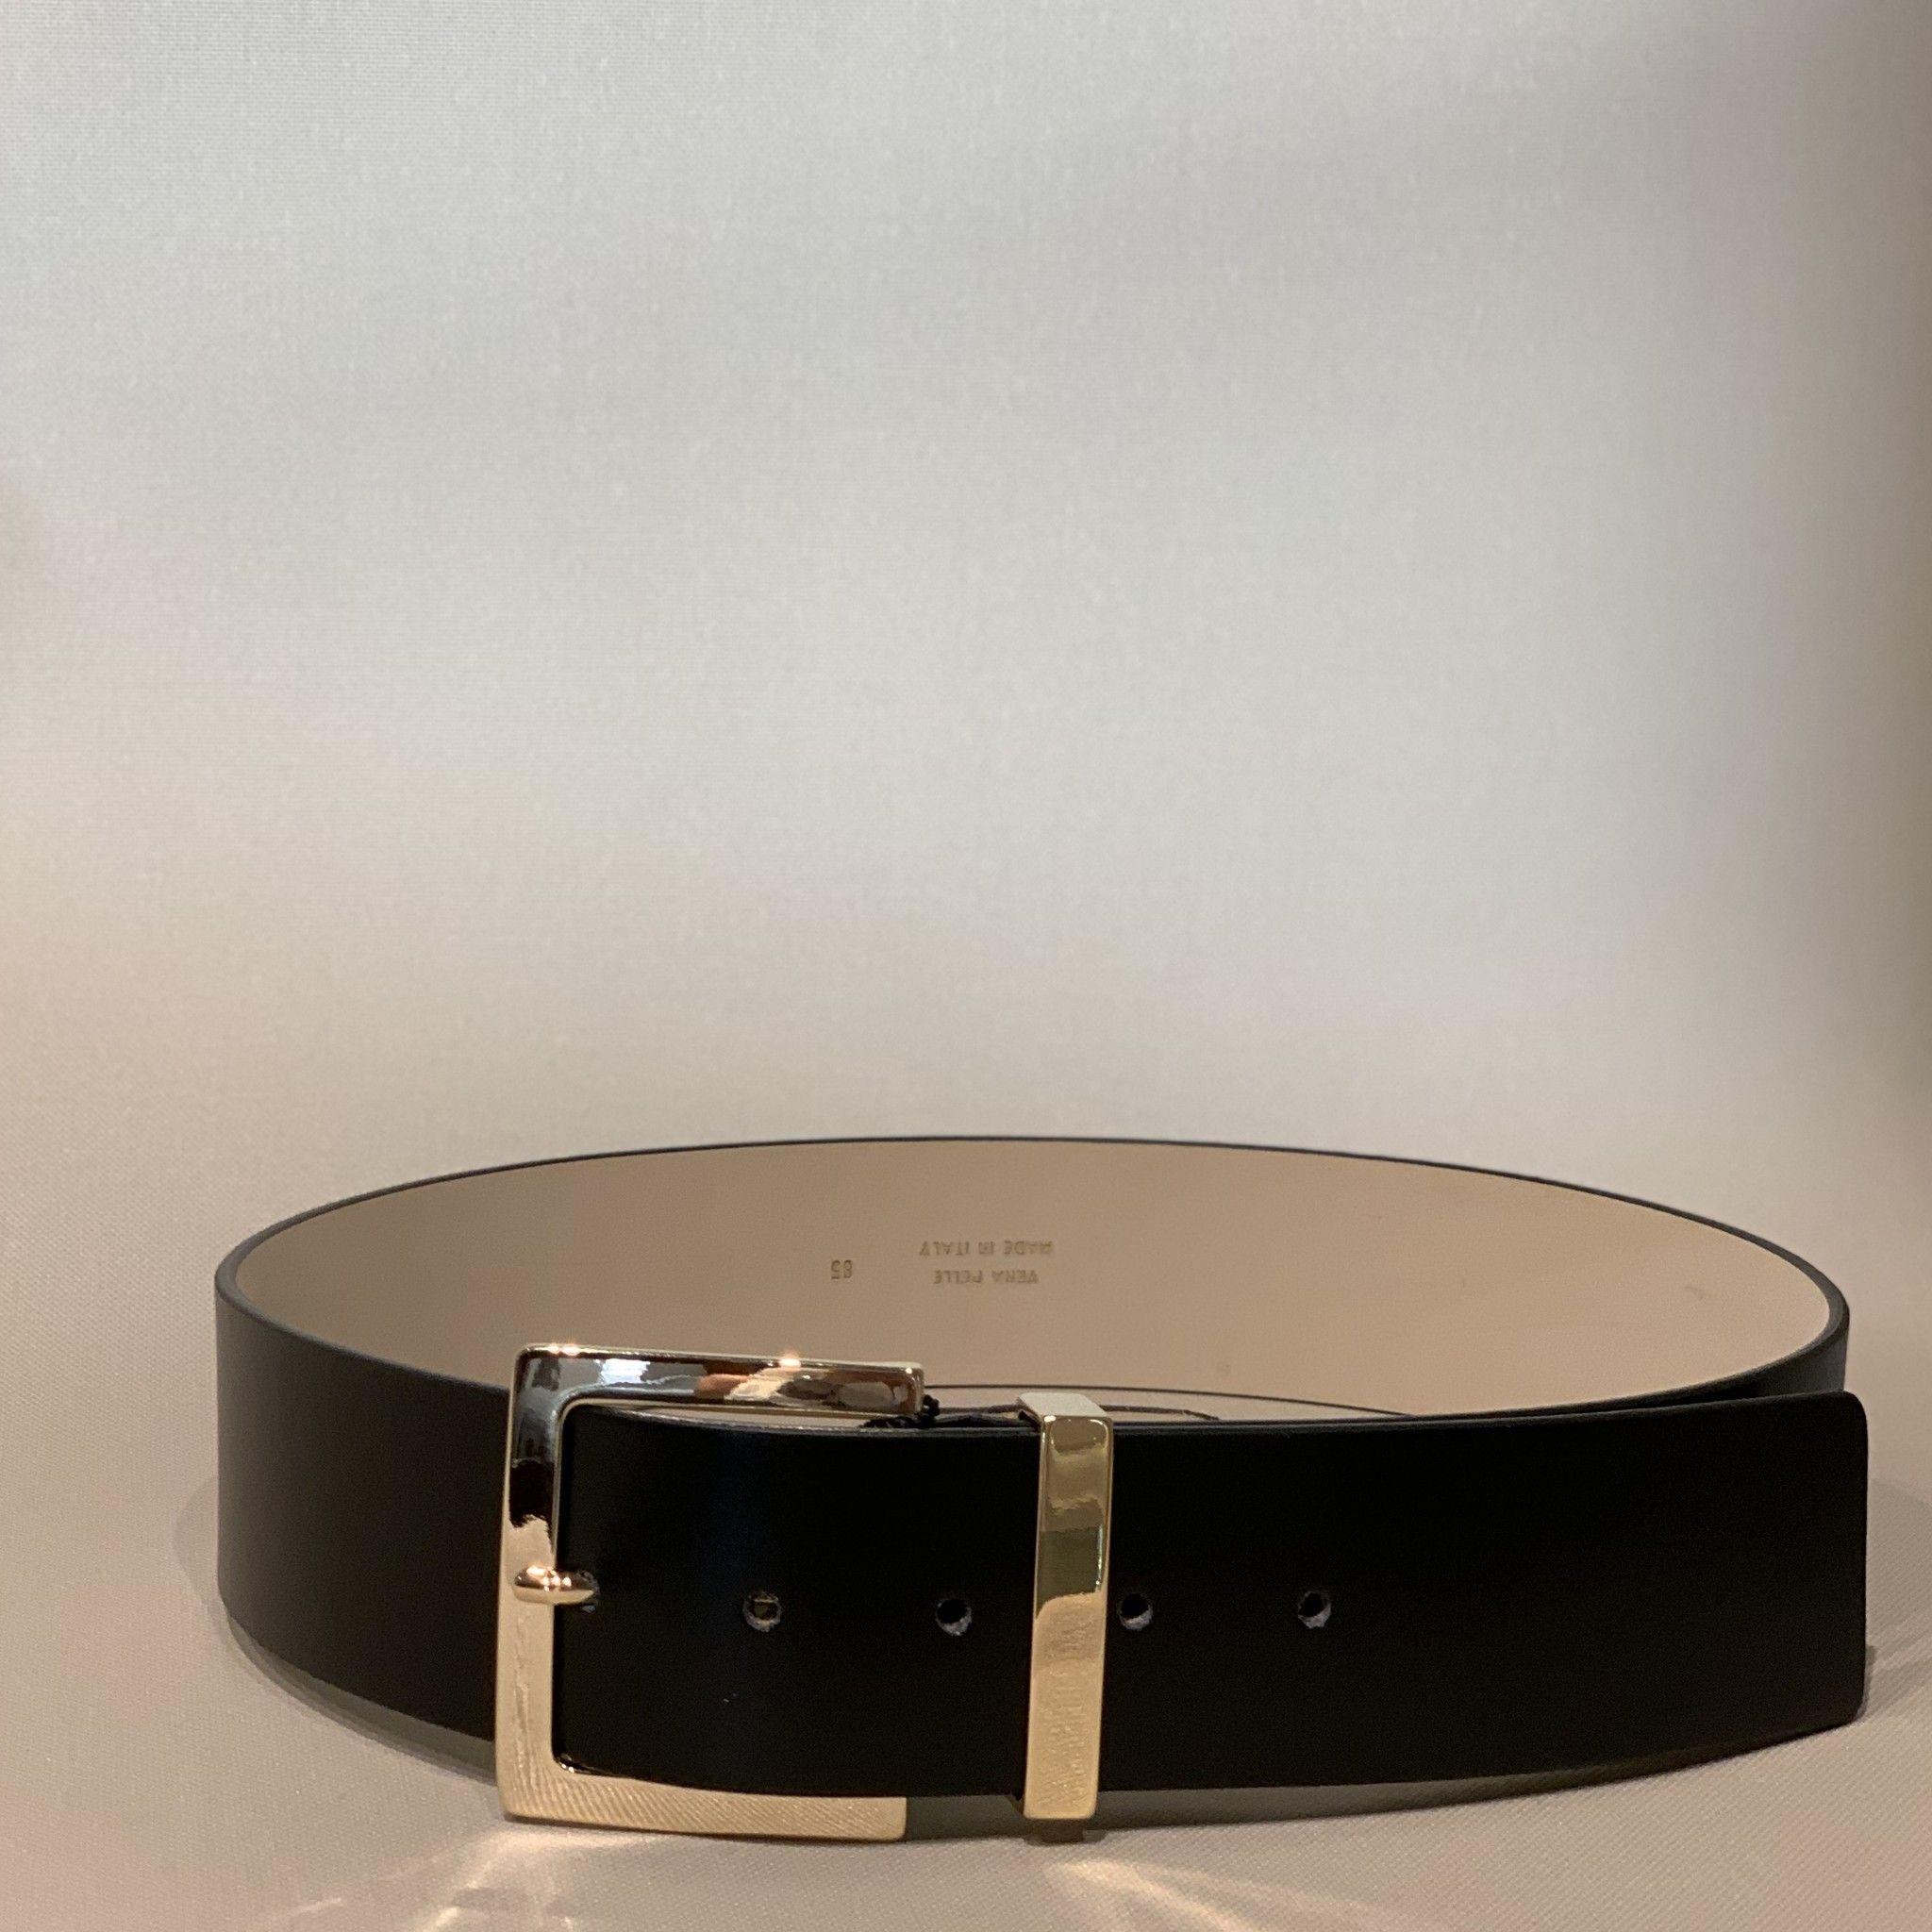 Cintura pelle  nera PELLETTERIA G4